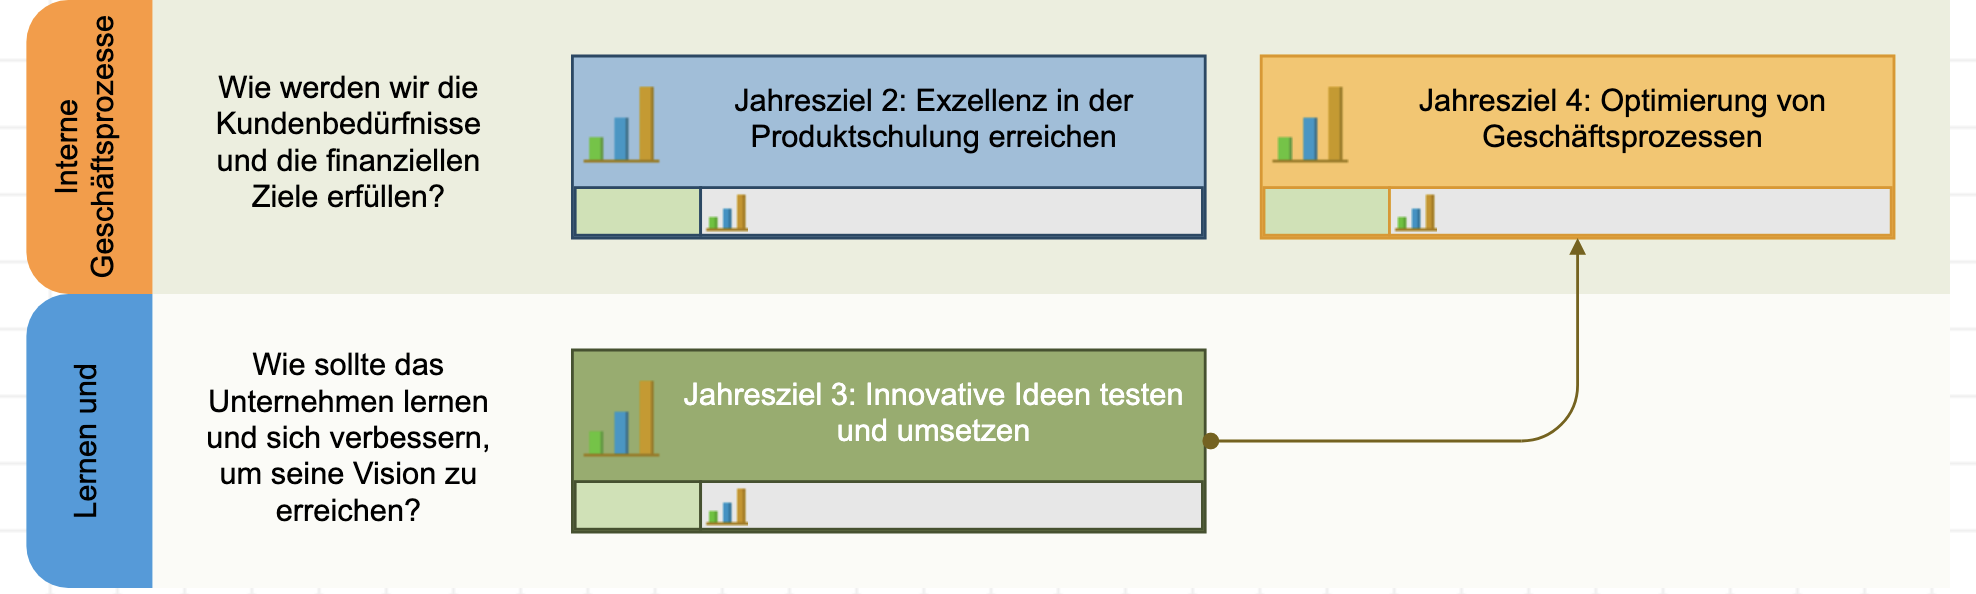 Zwei Ziele miteinander verbinden, um die Ursache-Wirkungs-Logik zu erklären